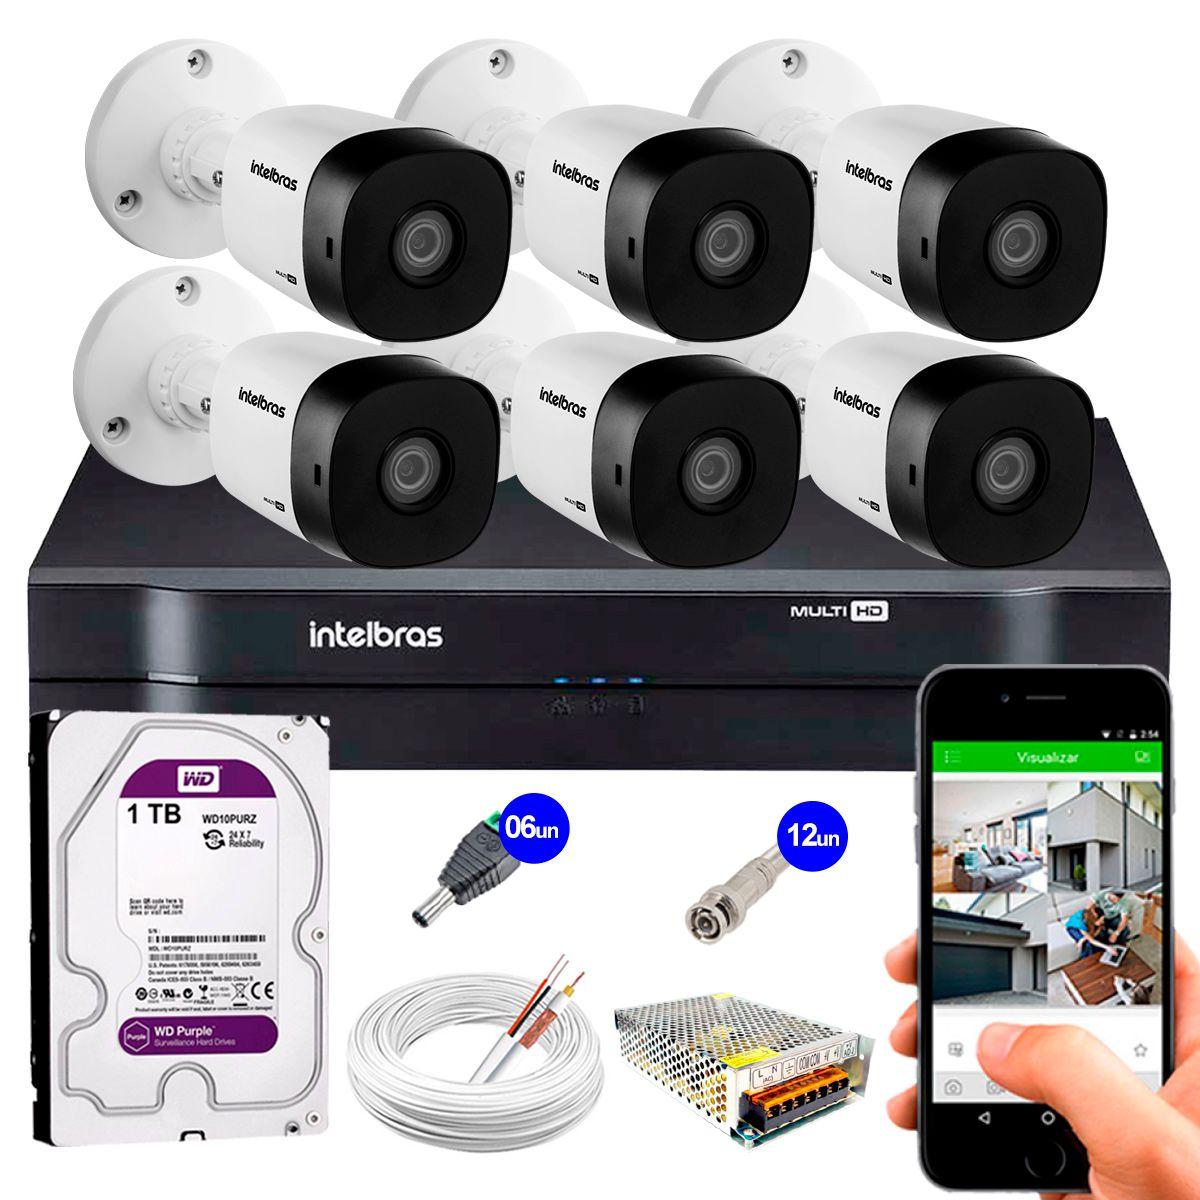 Kit 6 Câmeras VHD 3120 B G5 + DVR Intelbras + HD 1TB para Armazenamento + App Grátis de Monitoramento, Câmeras HD 720p 20m Infravermelho de Visão Noturna Intelbras + Fonte, Cabos e Acessórios  - Tudo Forte